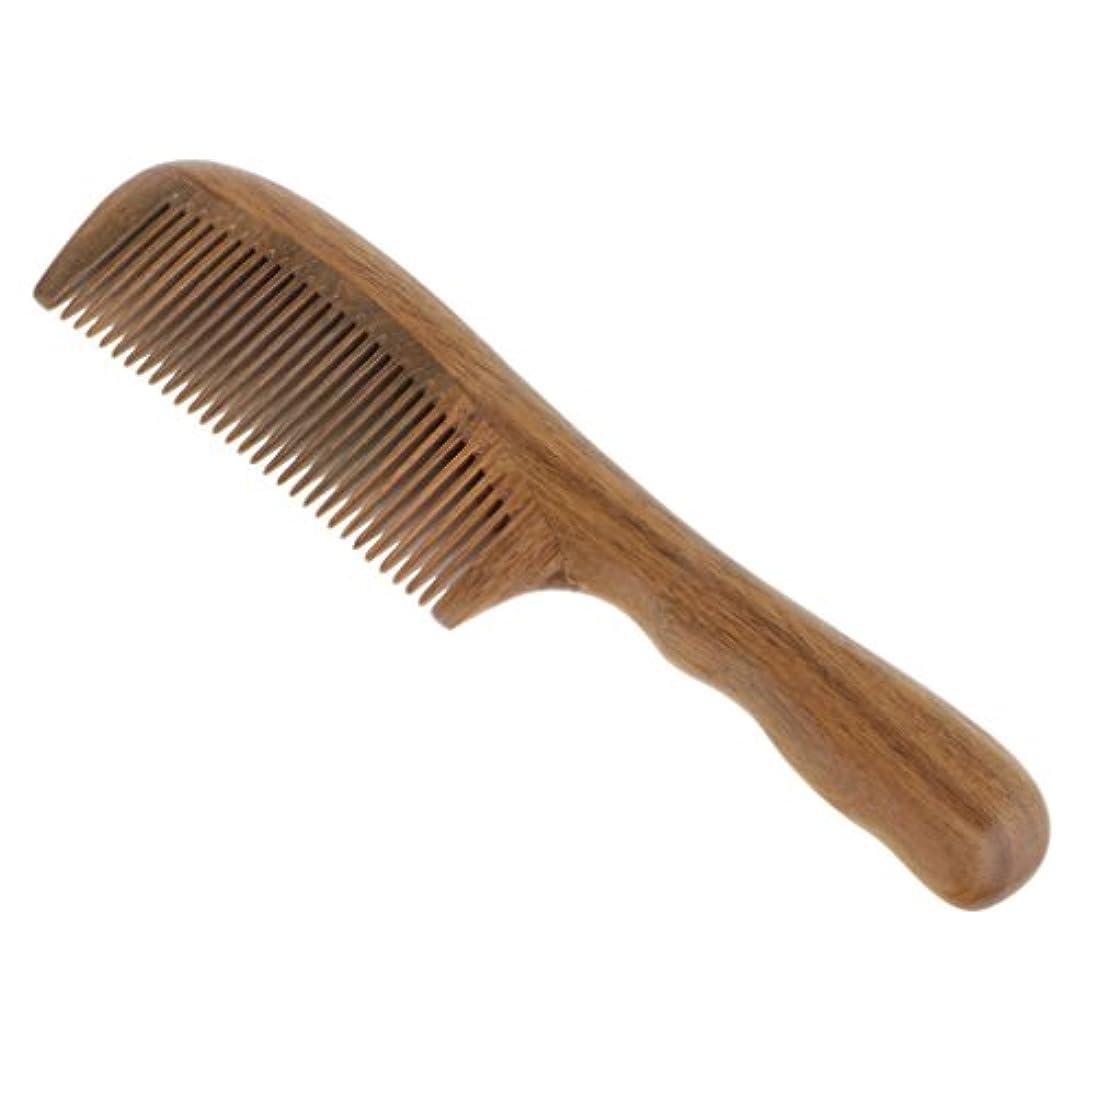 トロリーバス変更可能逆にコーム 櫛 木製 ヘアブラシ ウッドコーム 頭皮マッサージ 帯電防止 2タイプ選べる - 細かい歯